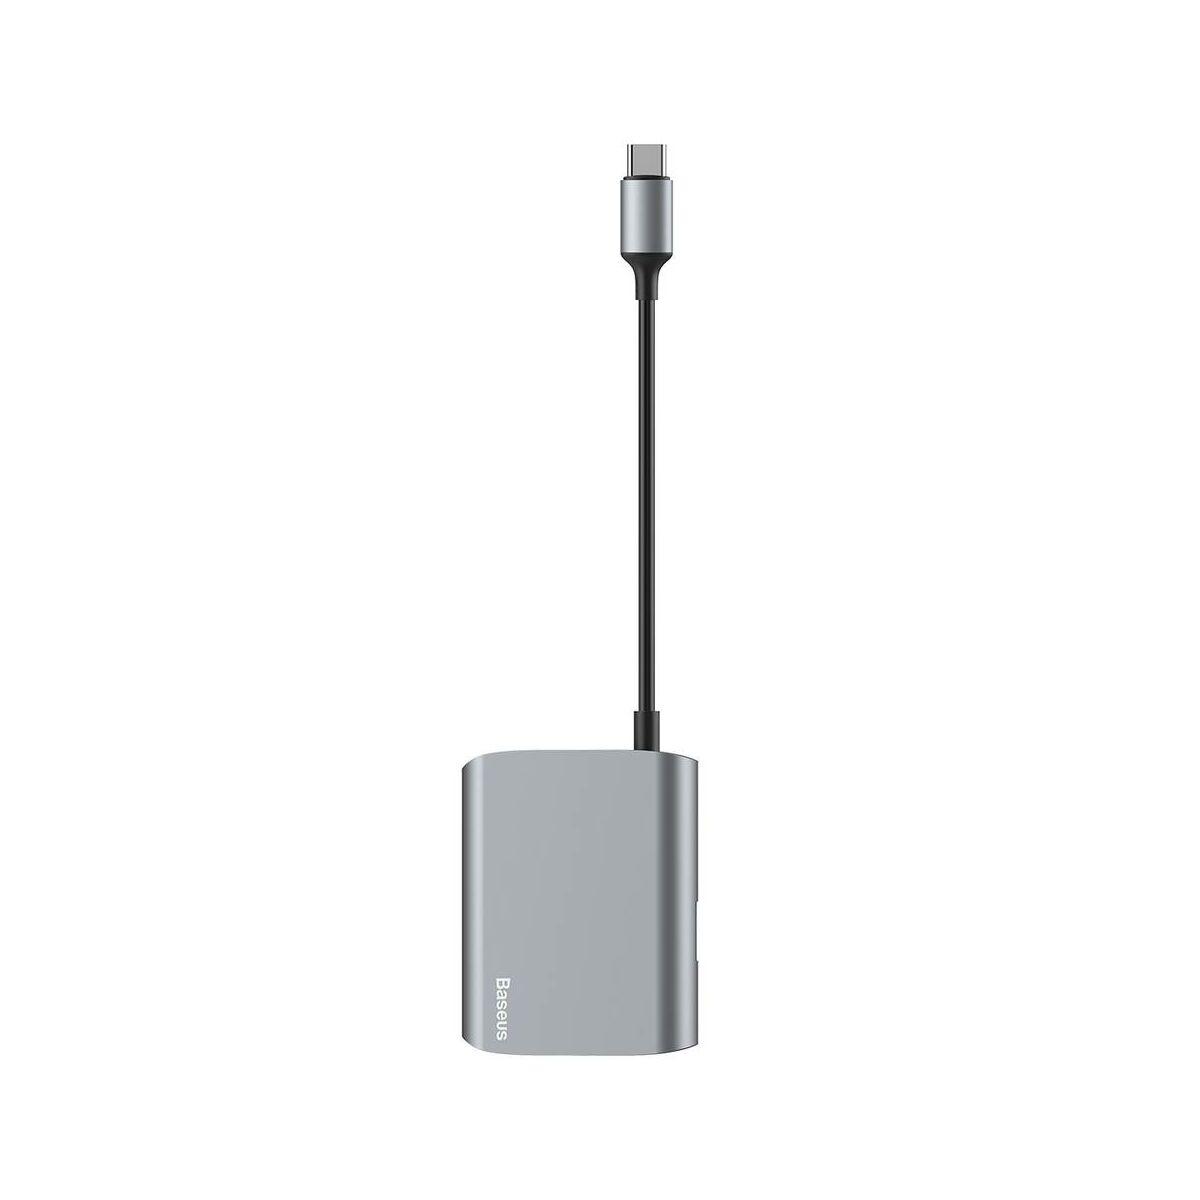 Baseus HUB, Enjoyment series (Type-C bemenetről - HDMI/1xUSB3.0) adapter, szürke (CATSX-D0G)